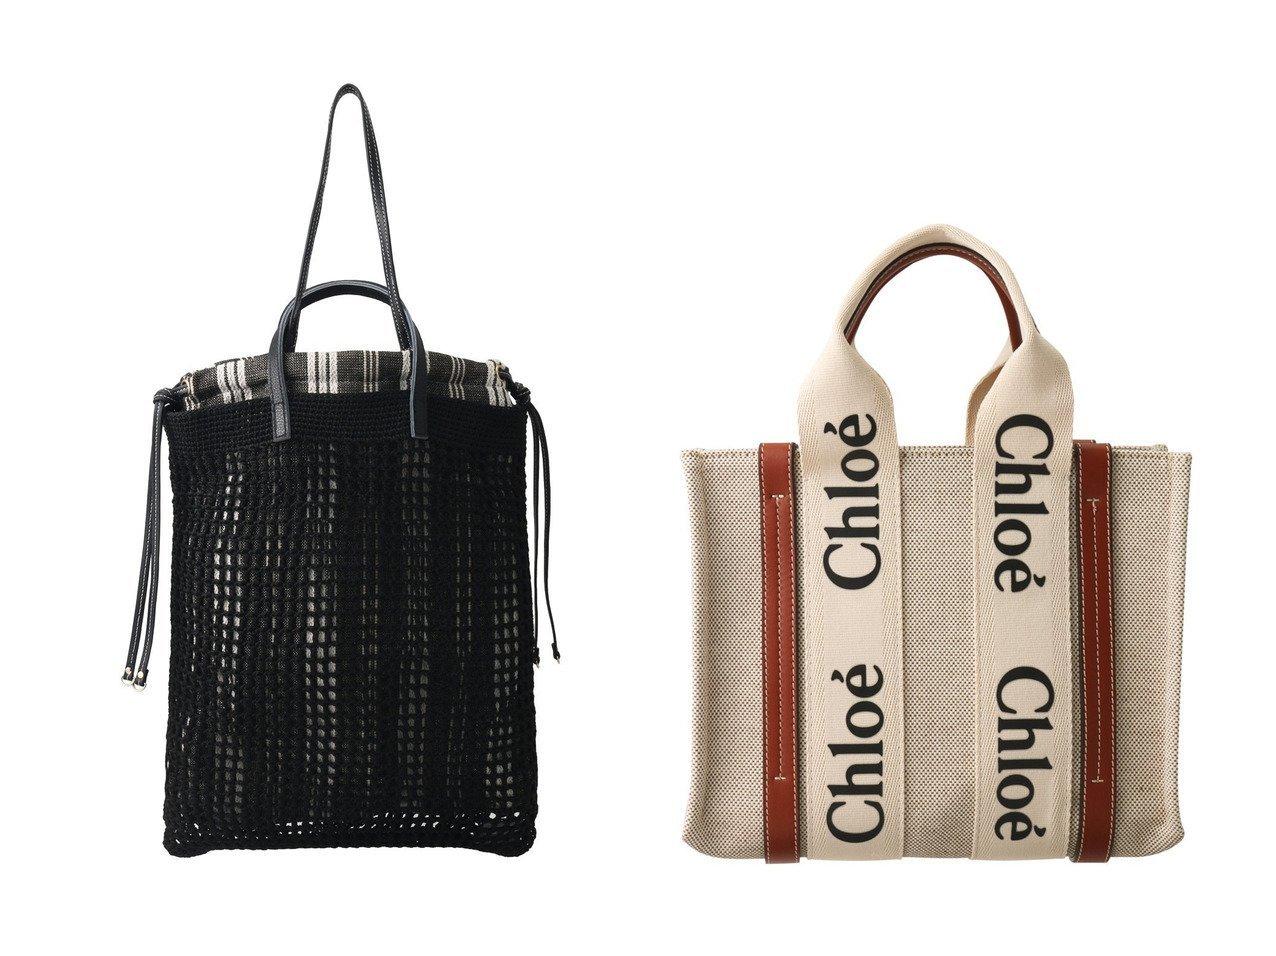 【JET/ジェット】の【MARCHER】ショルダーバッグ&【CHLOE/クロエ】のWOODY ミニトートバッグ 【バッグ・鞄】おすすめ!人気、トレンド・レディースファッションの通販 おすすめで人気の流行・トレンド、ファッションの通販商品 メンズファッション・キッズファッション・インテリア・家具・レディースファッション・服の通販 founy(ファニー) https://founy.com/ ファッション Fashion レディースファッション WOMEN バッグ Bag スマホ ポーチ モダン 財布 S/S・春夏 SS・Spring/Summer ストライプ メッシュ 巾着 春 Spring |ID:crp329100000039541